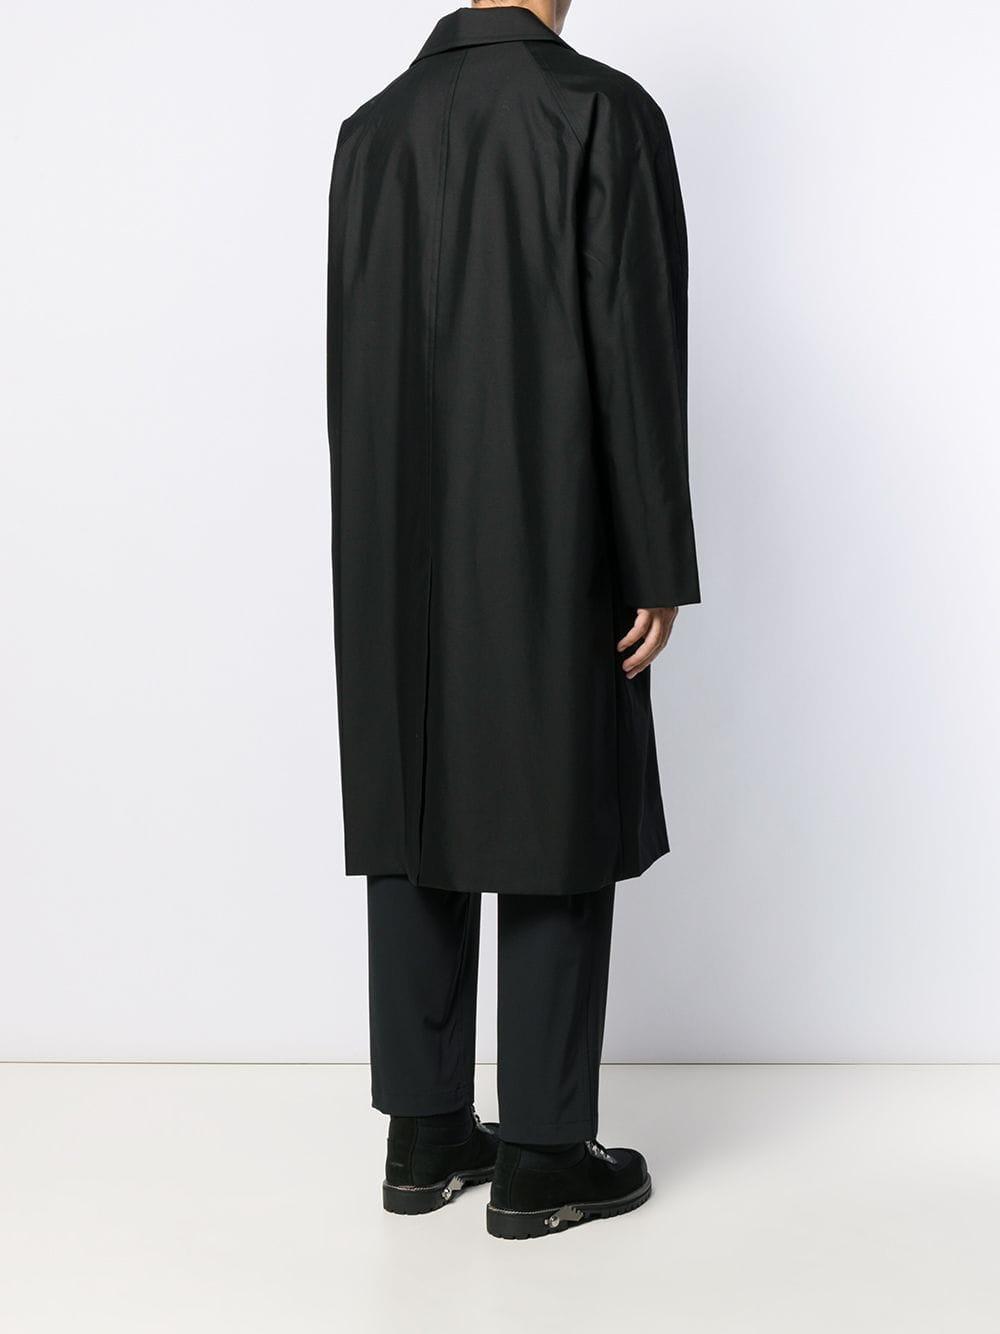 Alexander Wang Katoen Jas Met Dubbele Rij Knopen in het Zwart voor heren